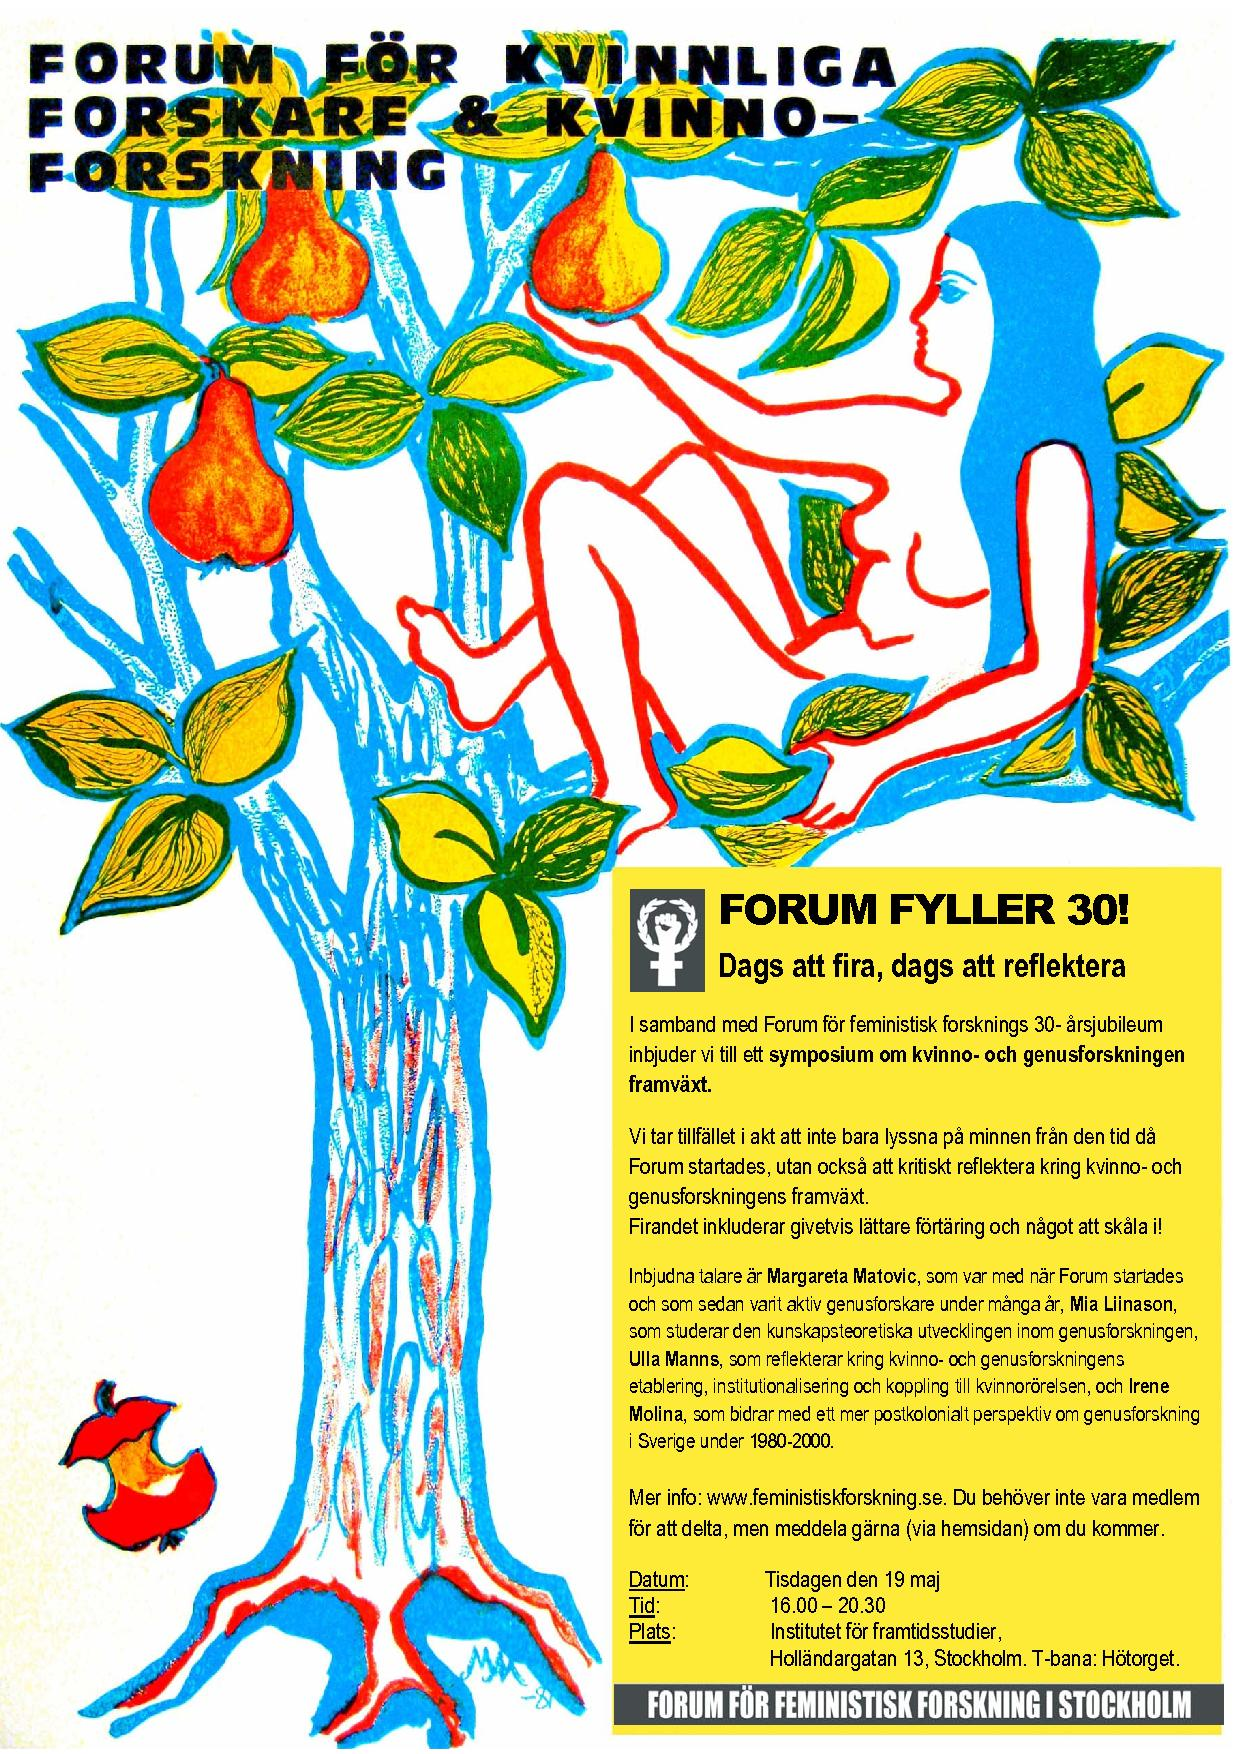 Forum fyller 30 år! Välkomna den 19/5 2009